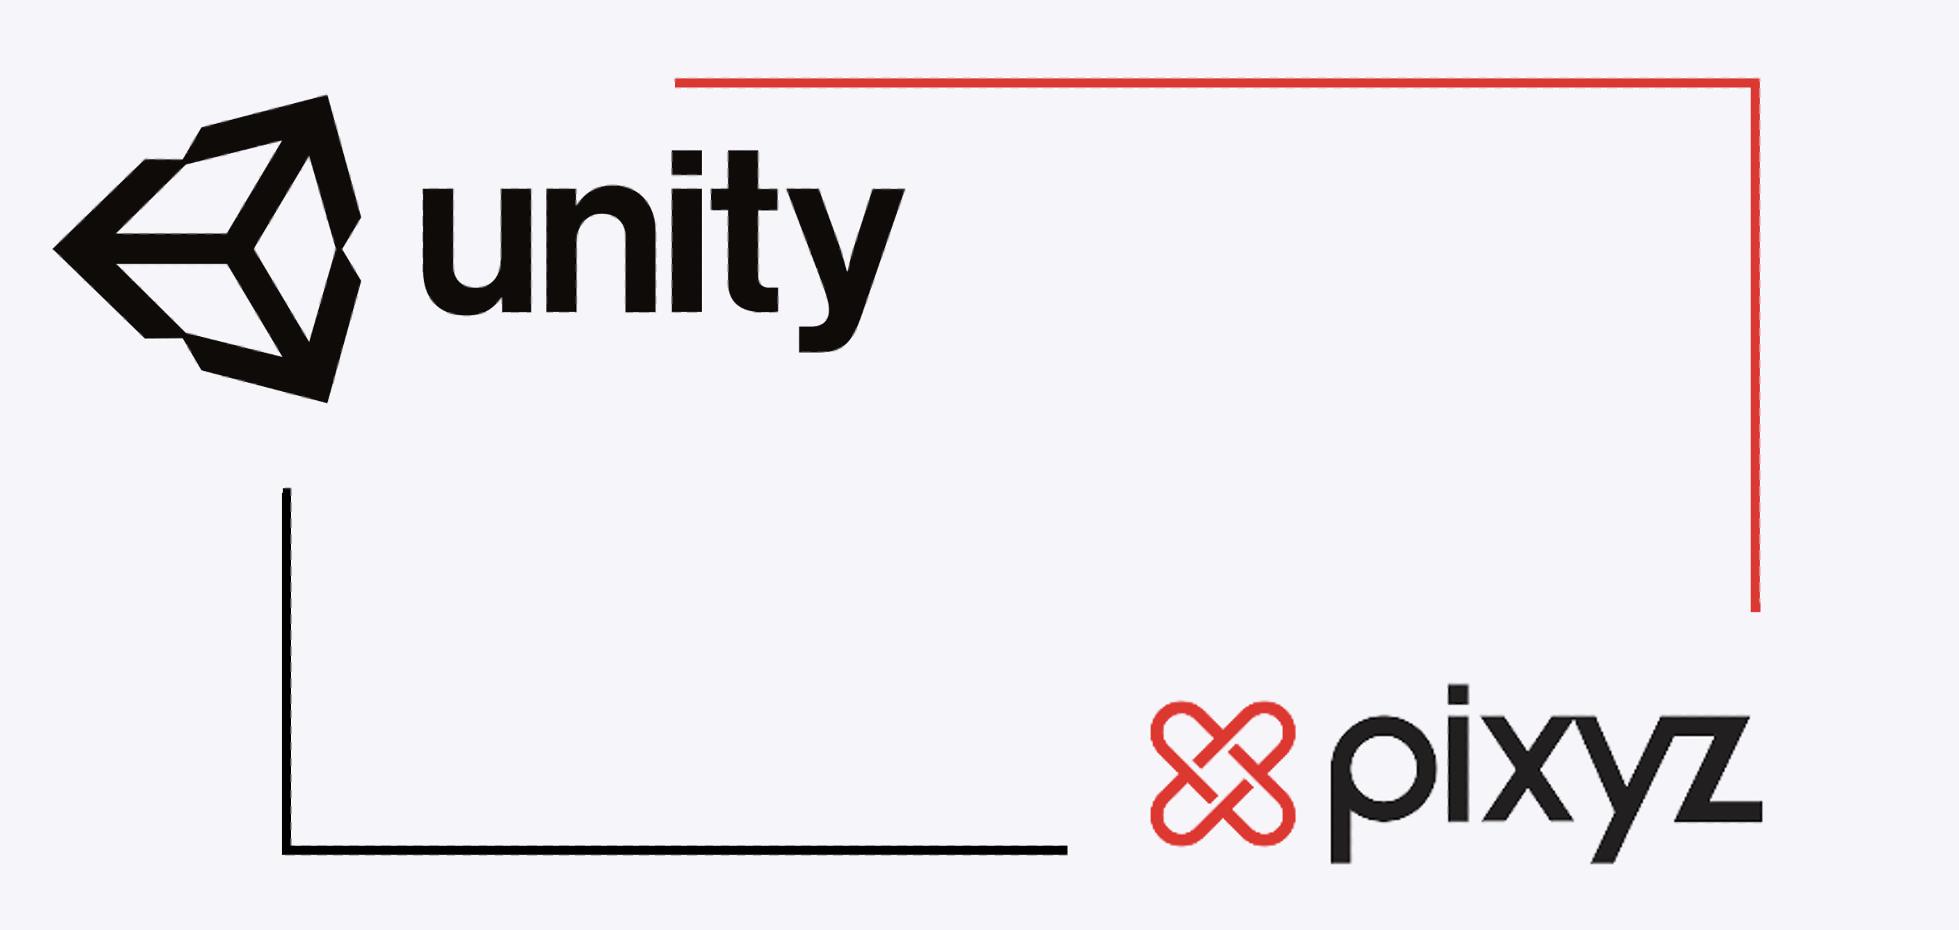 Unity Pixyz